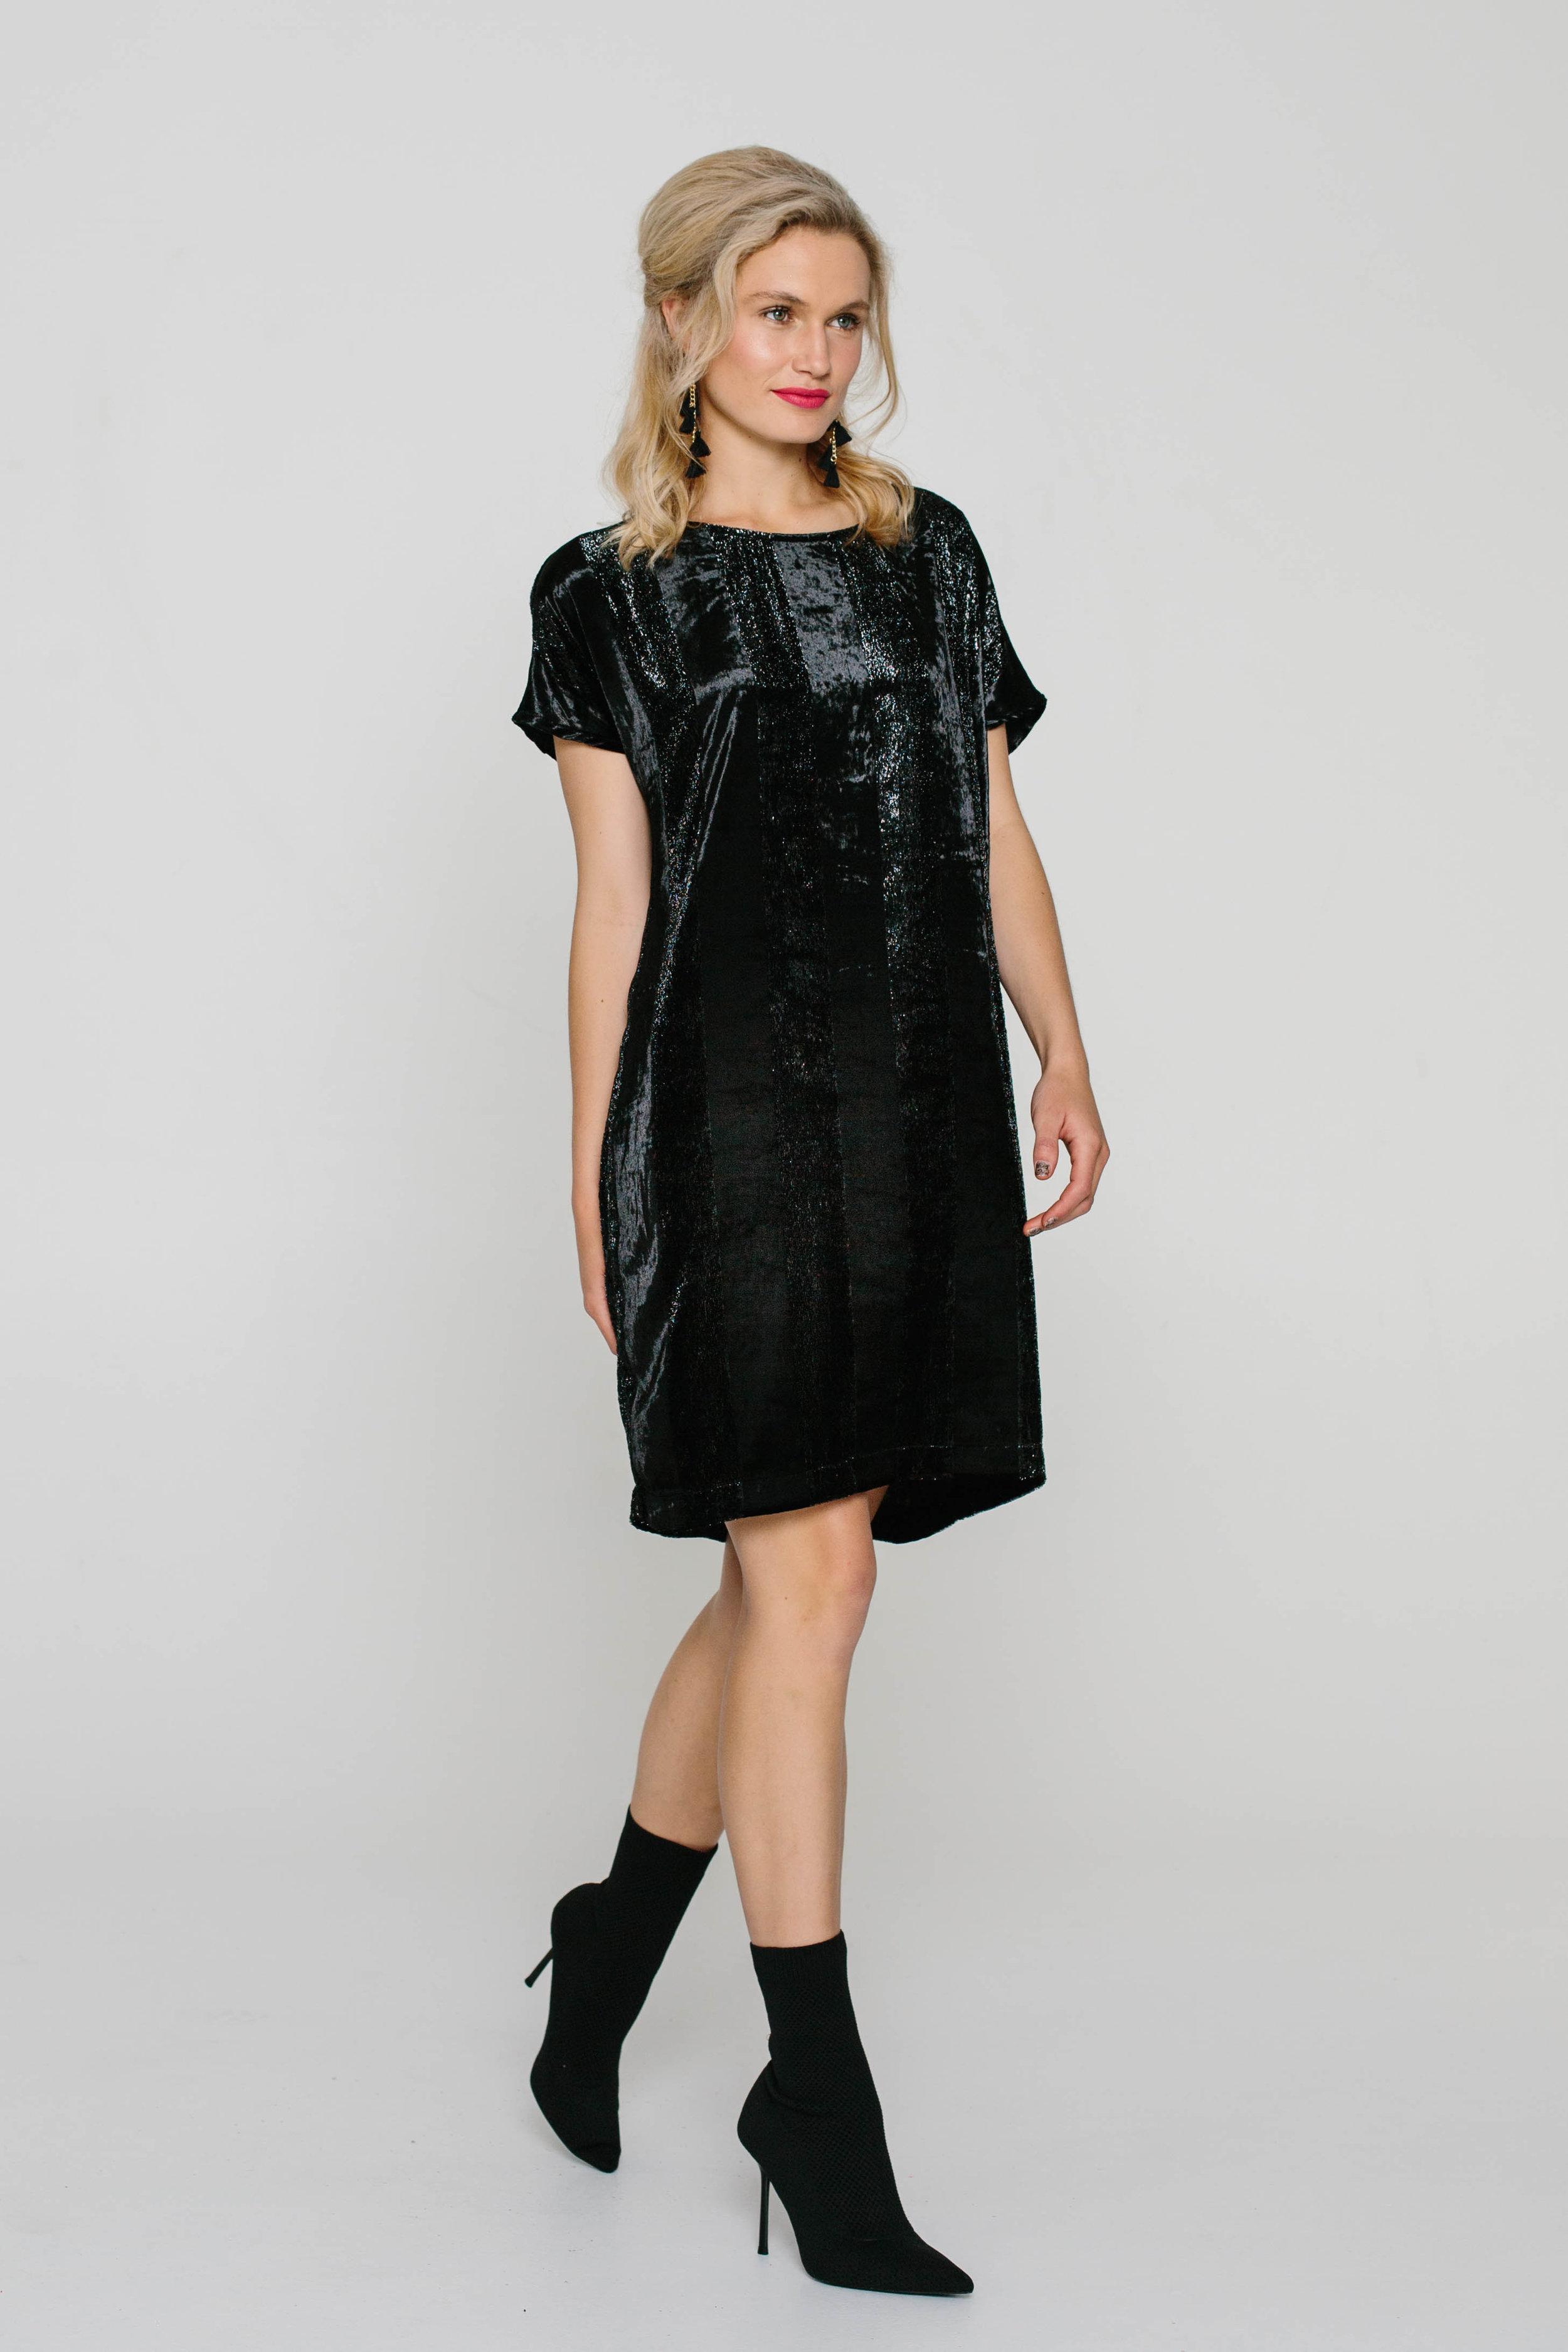 5474WA The Dress Velvet Black